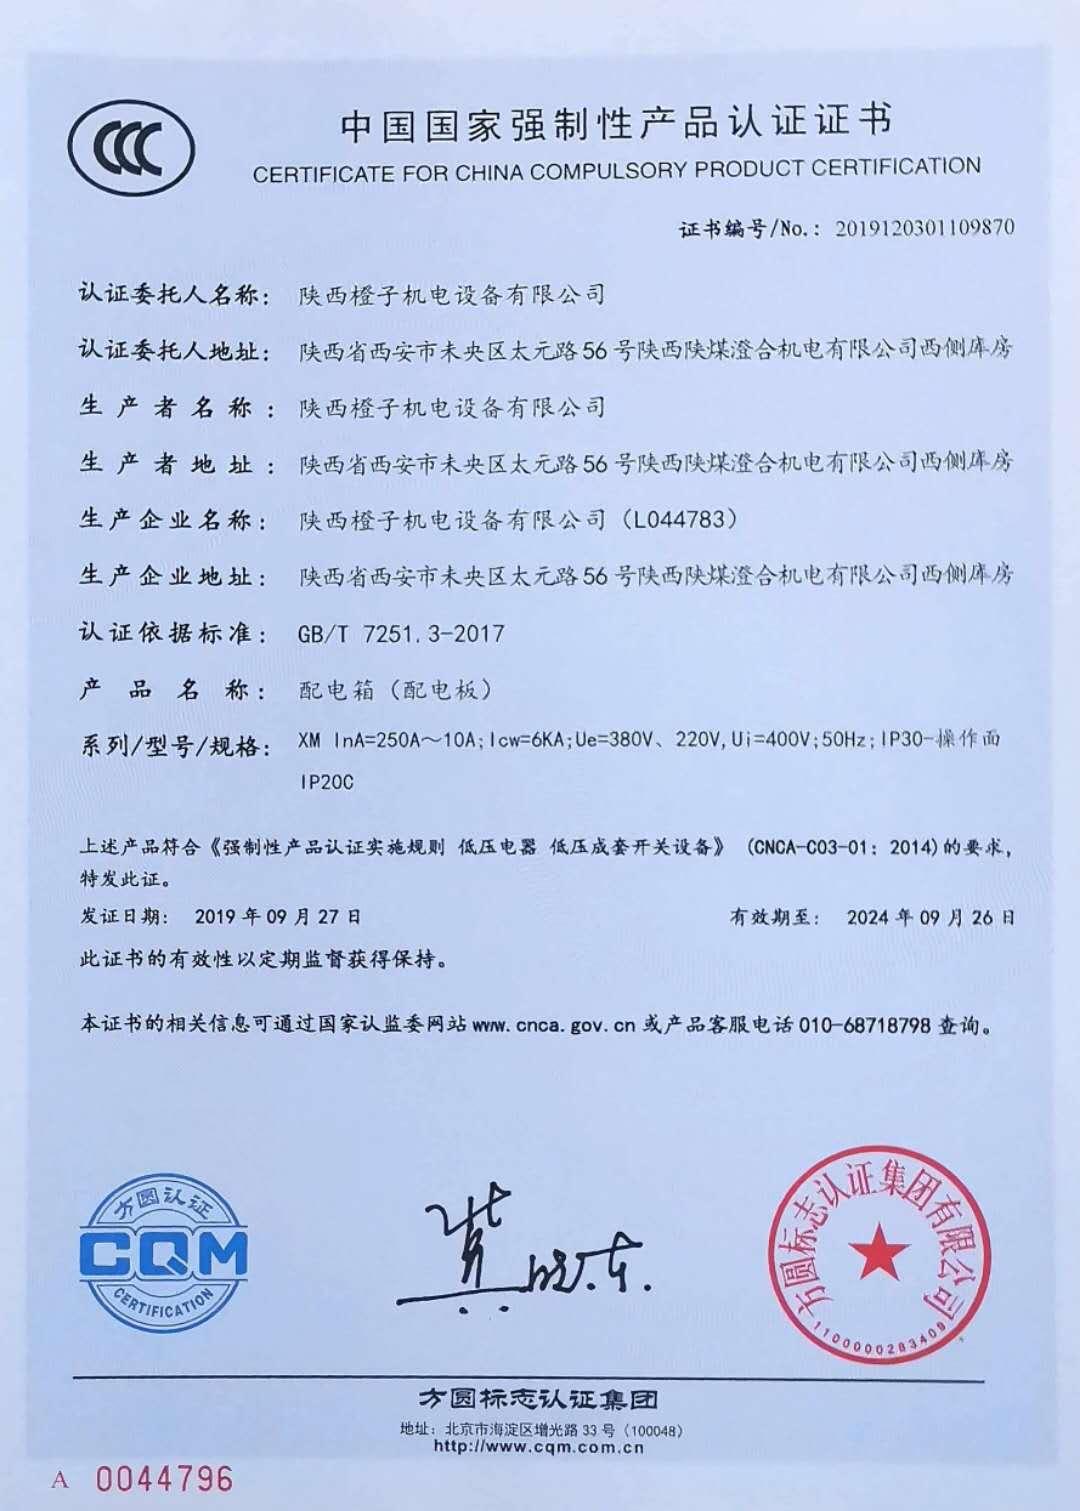 陕西配电箱中国国家强制性产品认证证书